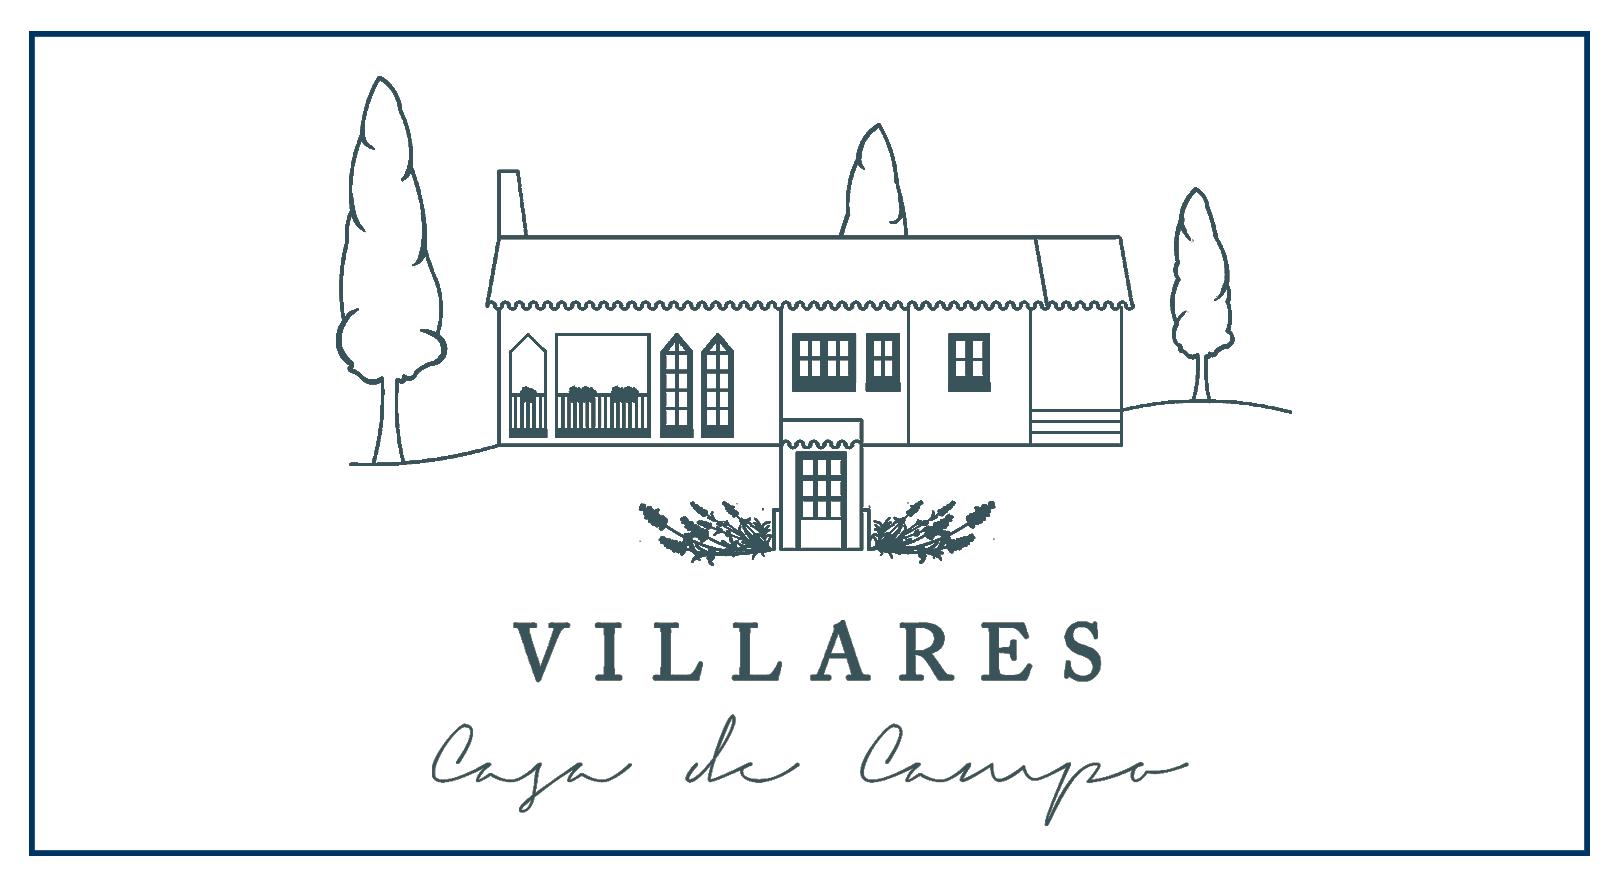 Casa de Campo Villares